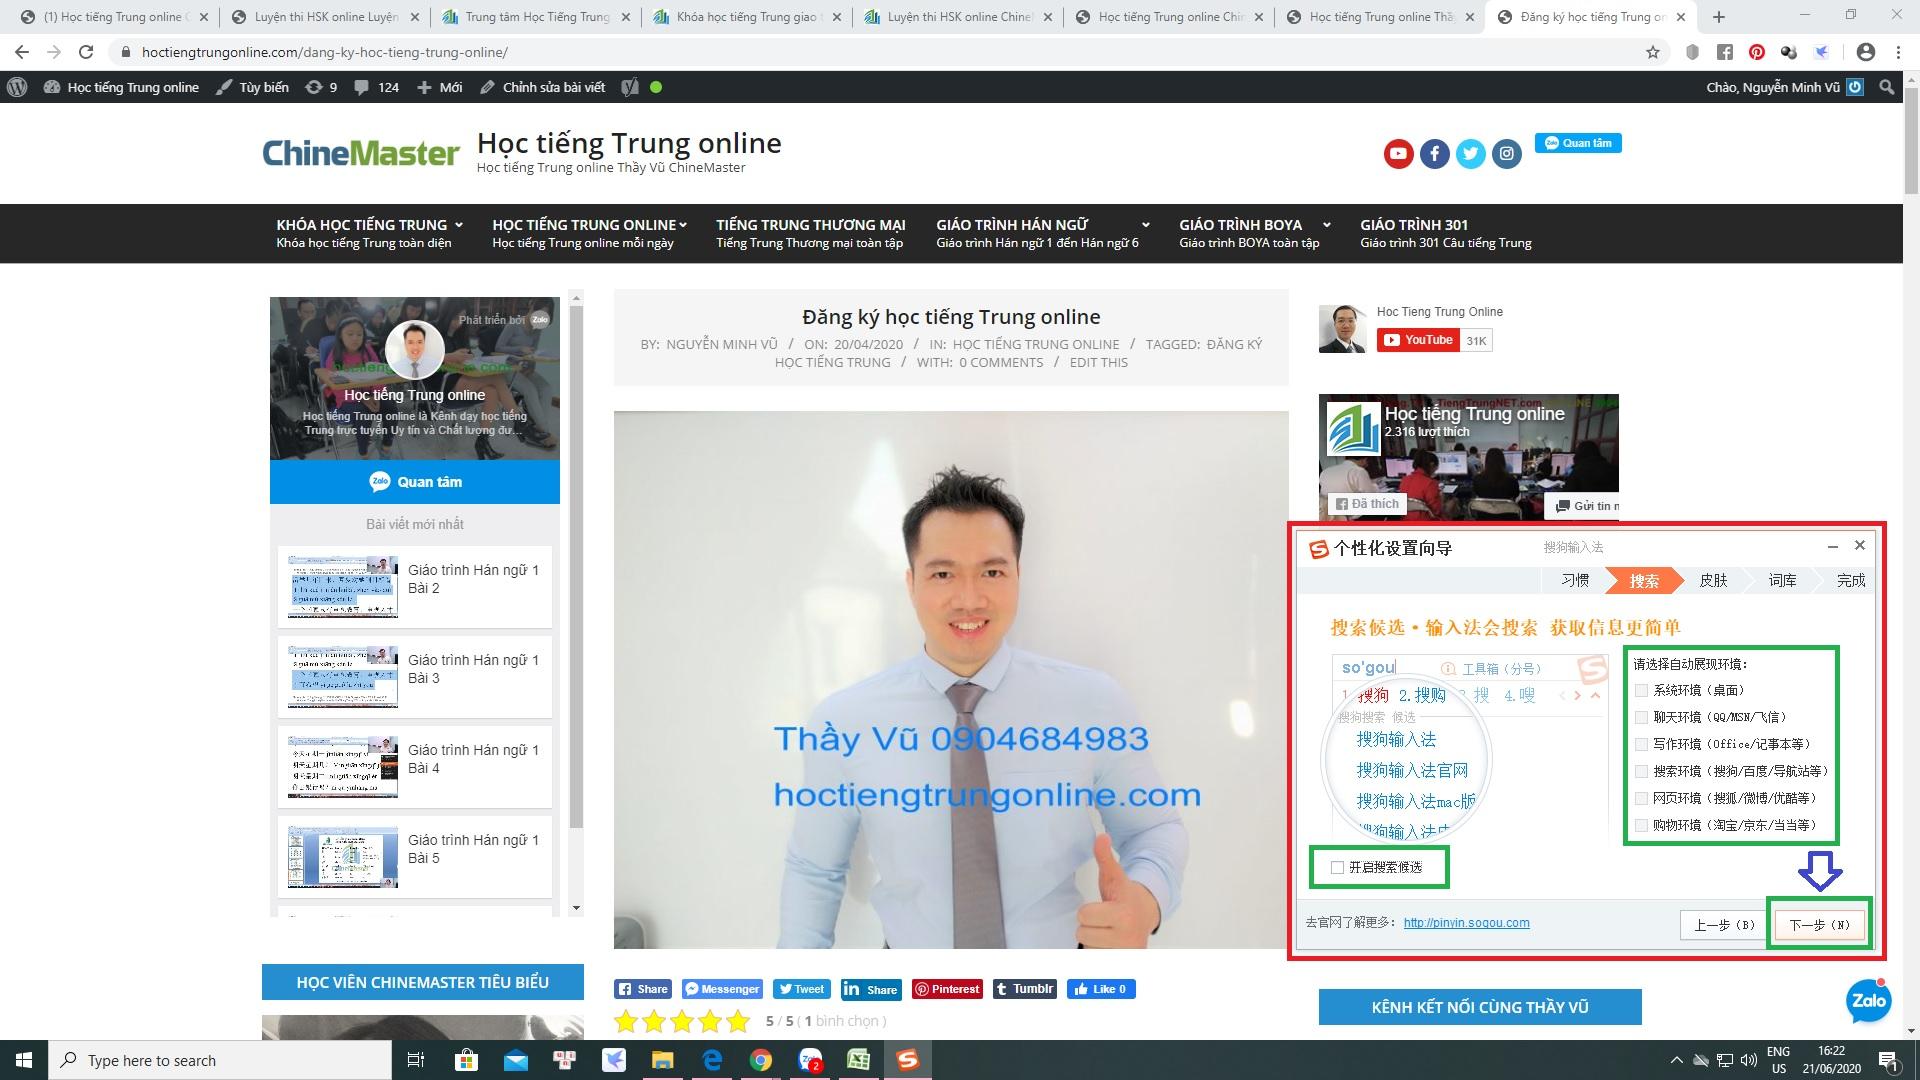 Hướng dẫn sử dụng bộ gõ tiếng Hoa SoGou PinYin bộ gõ tiếng Hoa hay nhất tốt nhất số 1 phổ biến nhất được giới thiệu bởi Thạc sỹ Nguyễn Minh Vũ